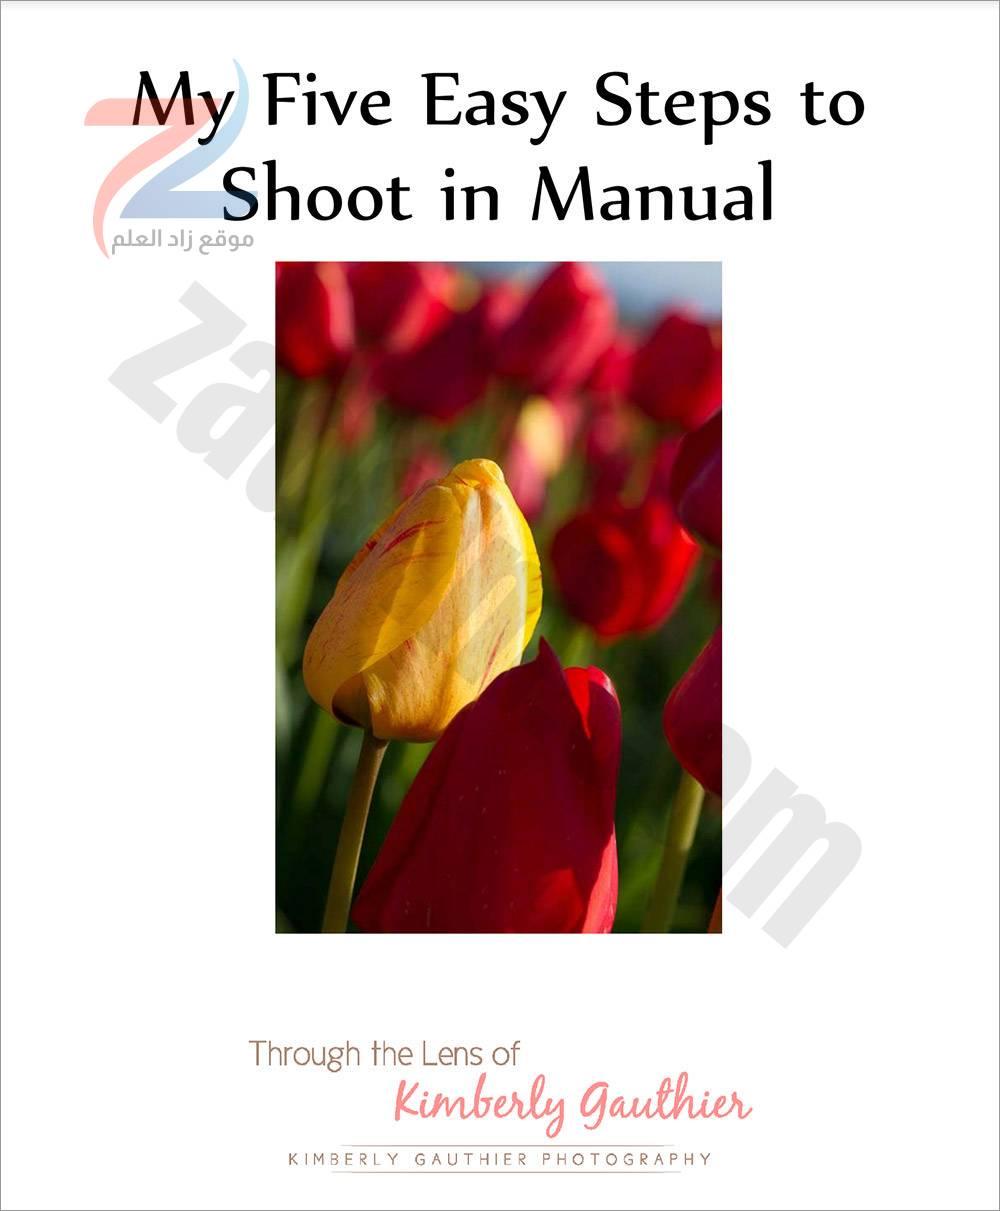 خطواتي الخمس السهلة للتصوير يدويًا